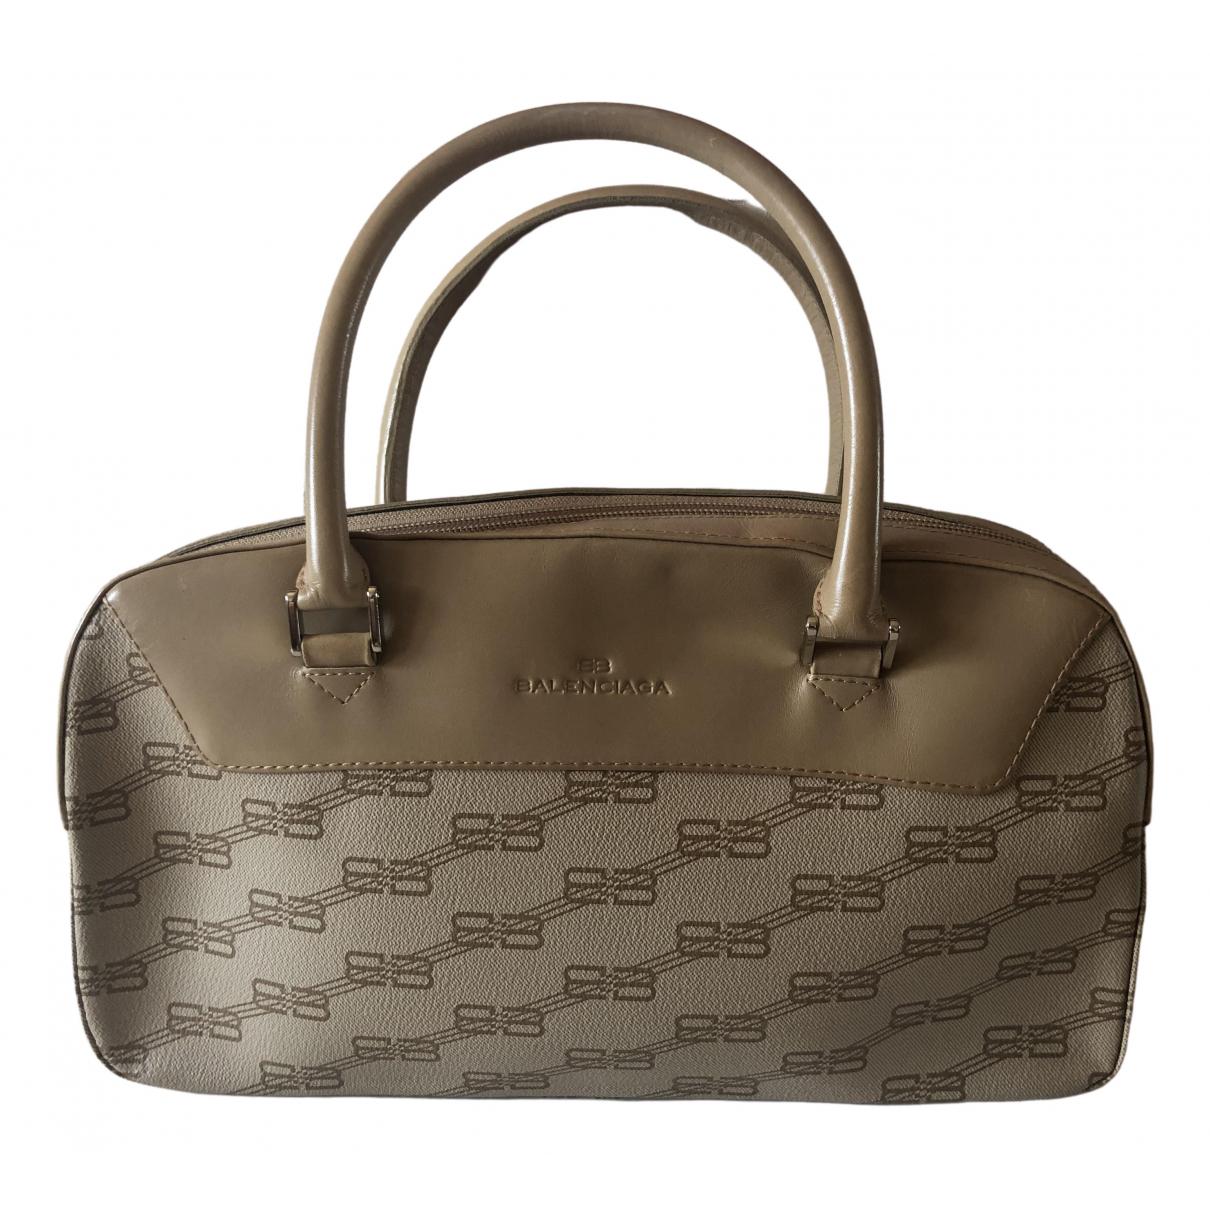 Balenciaga \N Handtasche in  Beige Leinen